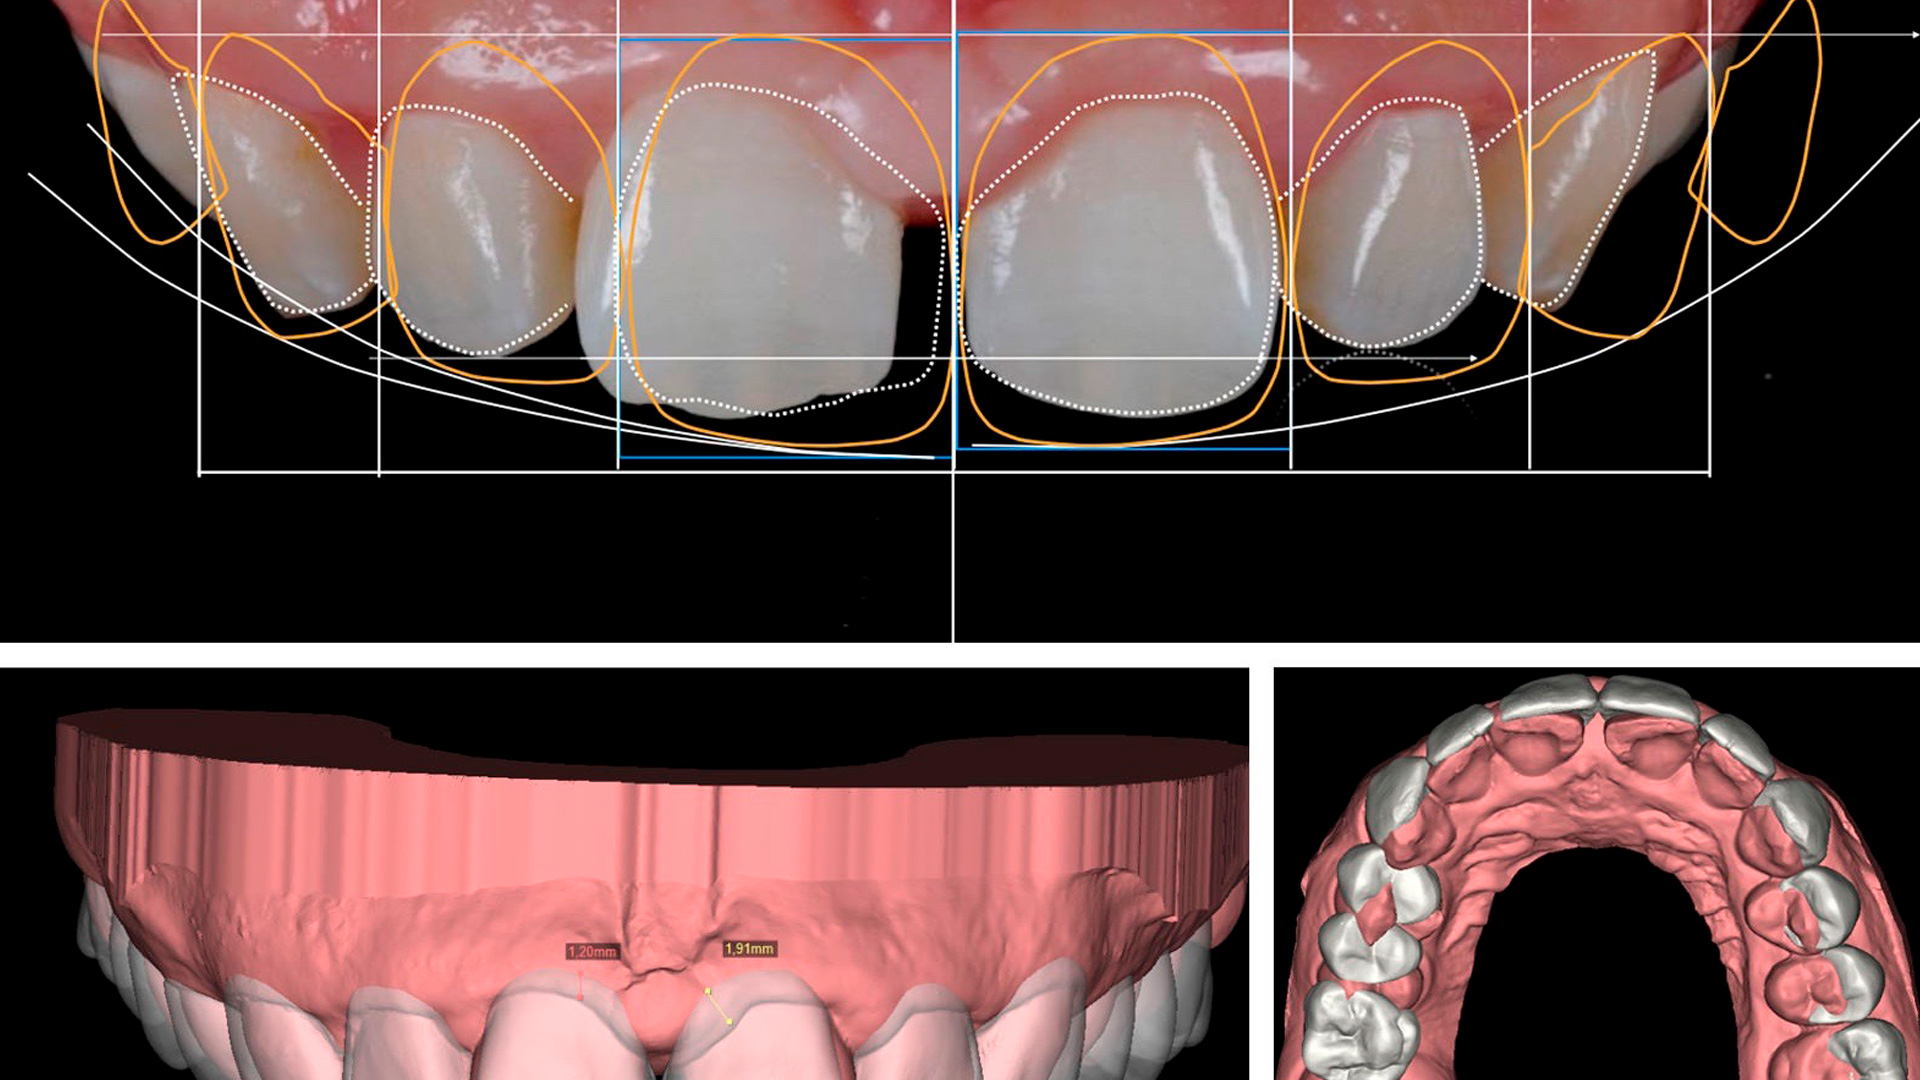 En esta Masterclass <b>Diseño de sonrisa con DSD</b>, impartida por el doctor Alejandro Otero, revisaremos cómo se realiza el <b>diseño de sonrisa</b> con DSD aplicado a la odontología y la implantología, a través de un caso práctico. <br /><br />  Hay un desafío en la odontología estética: conseguir el <b>diseño de sonrisa</b> perfecto para el paciente. El Digital Smile Design es una herramienta que sirve para la planificación de ese <b>diseño de sonrisa</b> ideal que va a tener el paciente. Gracias a esta Masterclasss, <b>Diseño de sonrisa con DSD</b>, podrás conocer esta tecnología, que te ayudará a planear o planificar el tratamiento de <b>diseño de sonrisa</b> de tus pacientes en la clínica dental, facilitando tu trabajo como odontólogo y obteniendo los mejores resultados. <br /><br /> Todas nuestras Masterclass están impartidas por los mayores expertos en odontología. Gracias a nuestra Masterclass<b>Diseño de sonrisa con DSD</b>y otras como esta, que forman parte de la serie<b>Nuevas tecnologías en implantología</b>, podrás desarrollar y actualizar tus conocimientos sobre las tecnologías más avanzadas en diagnóstico y cirugía odontológica, profundizando en diferentes campos de la odontología digital, como la tecnología Digital Smile Design para el <b>diseño de sonrisa</b>, alcanzando una formación avanzada y permitiéndote profundizar enlos aspectos a tener en cuenta en la colocación de implantes dentales con criterios científicos y de excelencia, abordando las últimas tendencias y técnicas más actuales en el sector odontológico. <br /><br /> Desde Knotgroup Dental Institute te invitamos a que explores a través de nuestra web y encuentres otras masterclass como <b>Diseño de sonrisa con DSD</b> para actualizar tus conocimientos y aplicarlos a tu clínica dental, así como la amplia gama de cursos que ofrecemos también sobre <b>Diseño de sonrisa con DSD</b>, impartidos por los mejores profesionales en odontología. <br /><br />  Muchas gracias por tu tiempo. Esperam